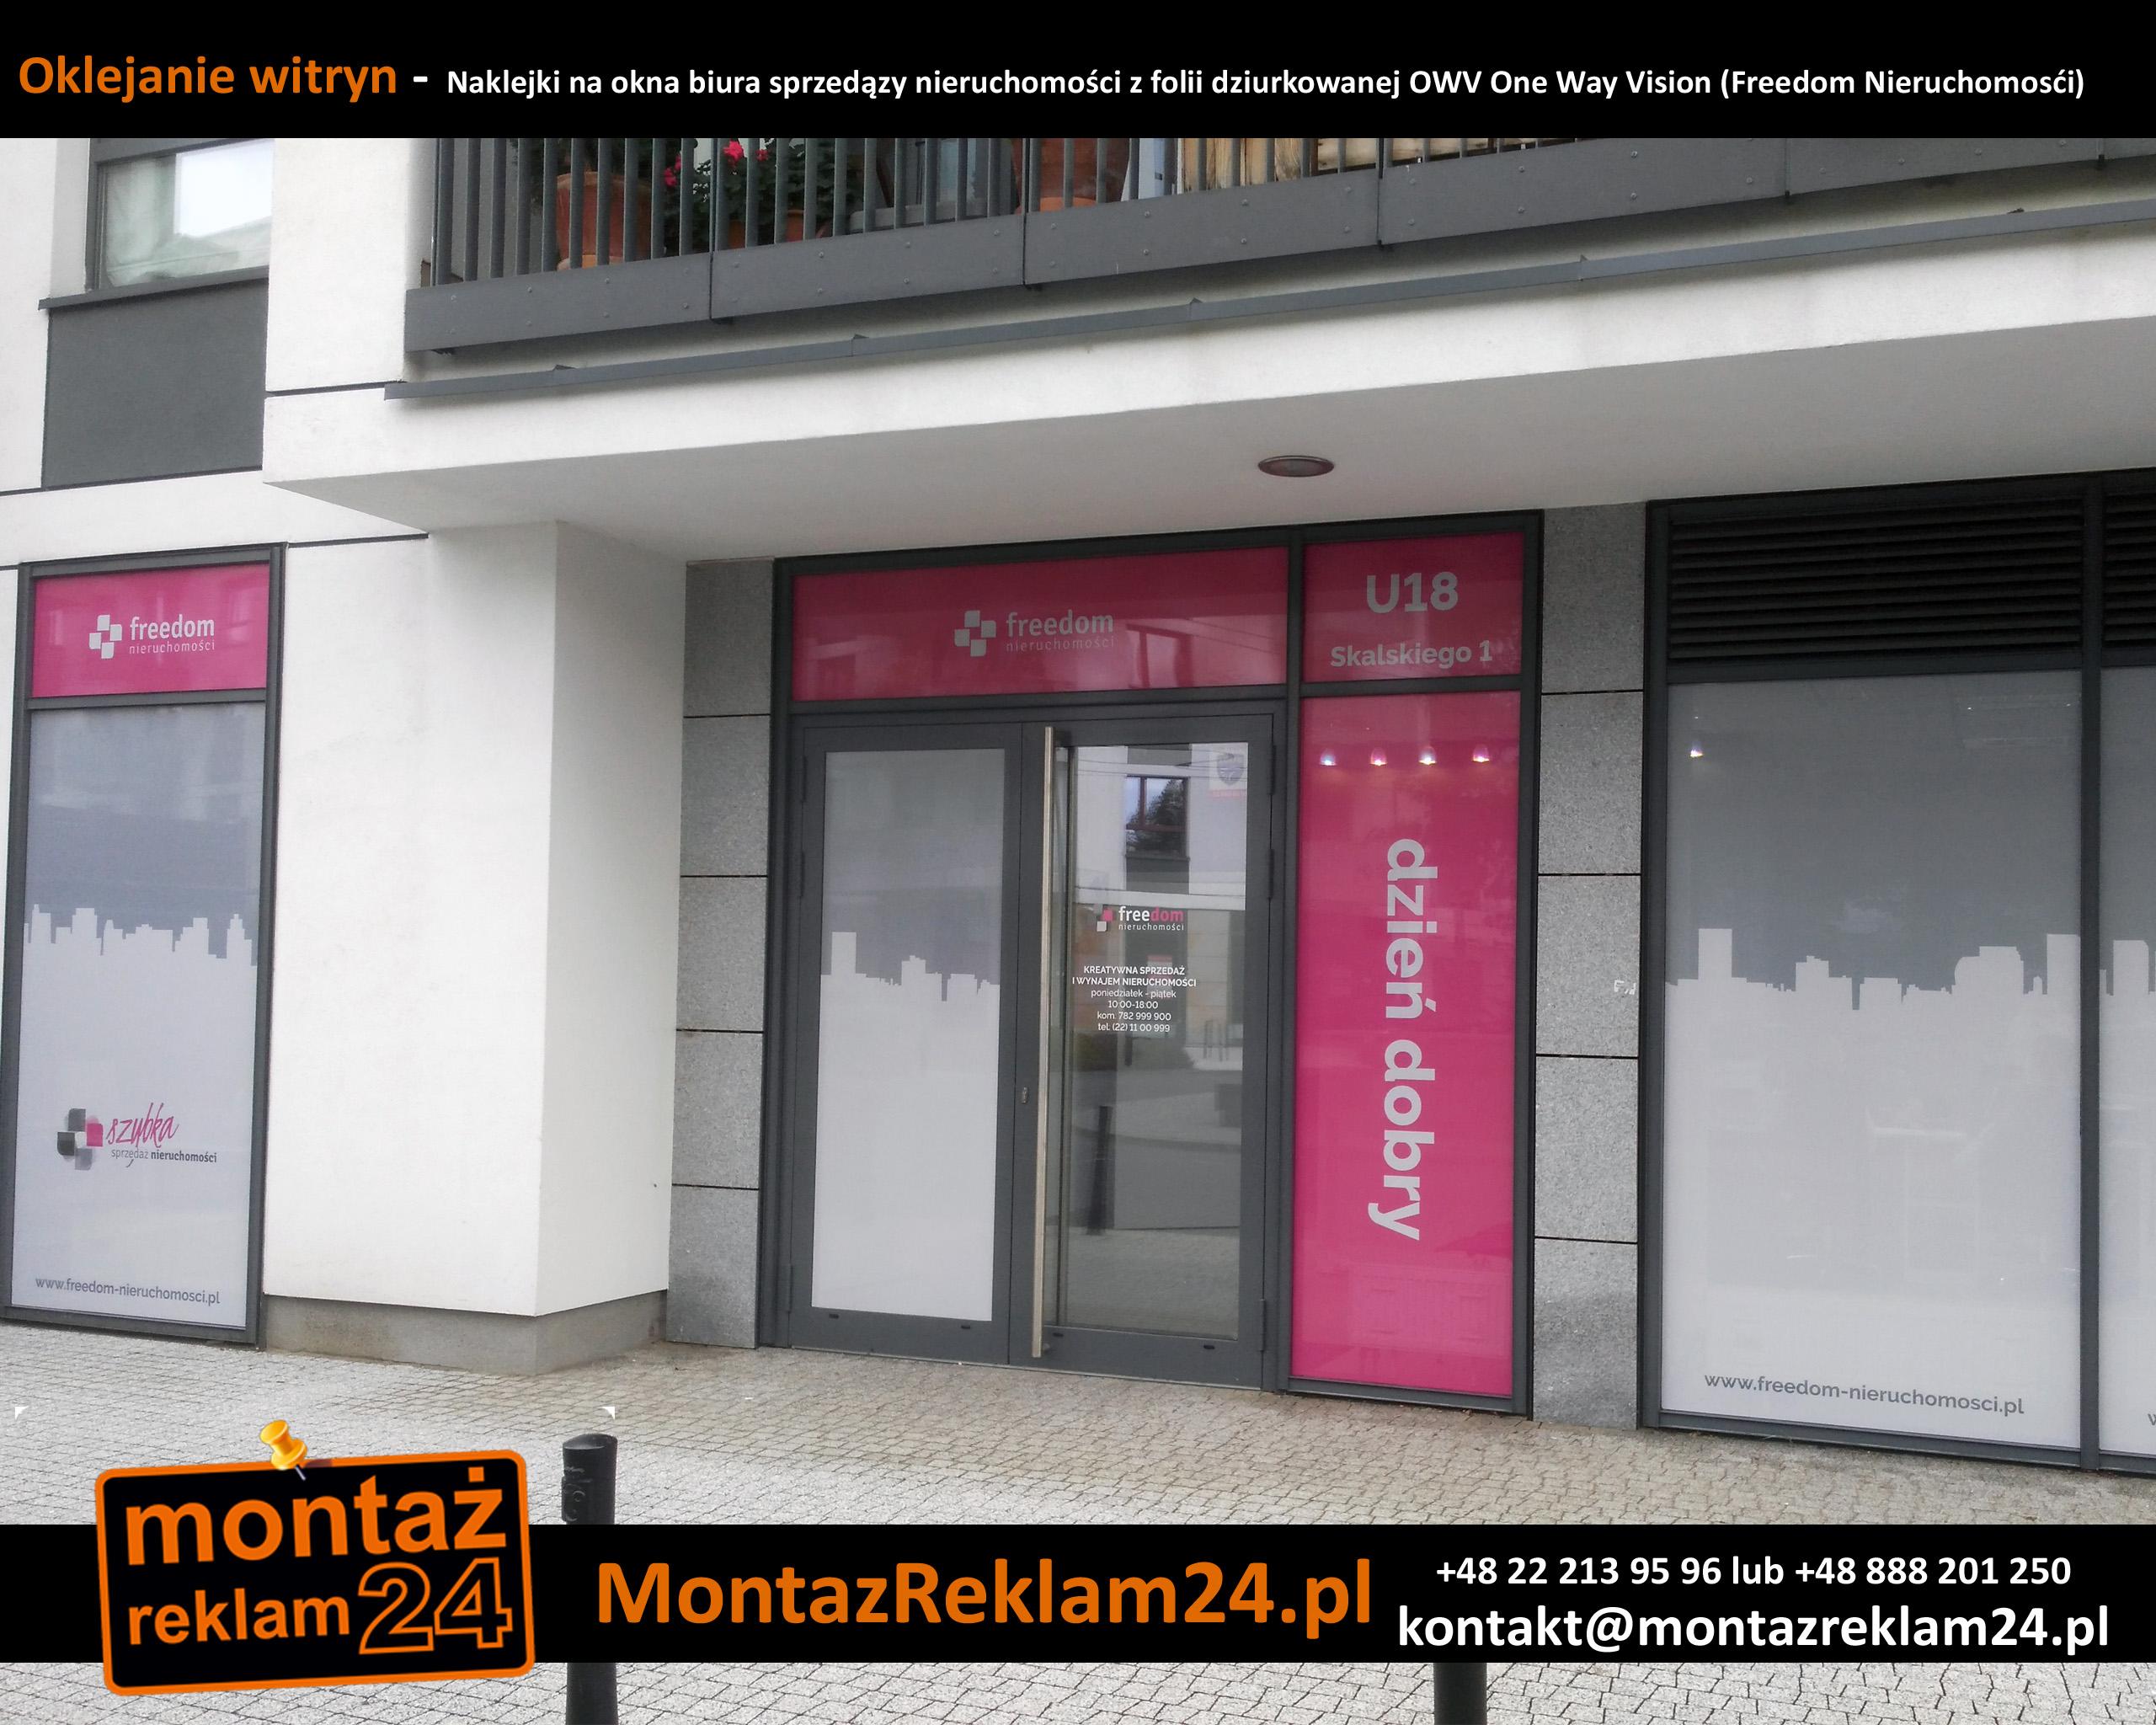 Naklejki na okna biura sprzedązy nieruchomości z folii dziurkowanej OWV One Way Vision (Freedom Nieruchomosći).jpg